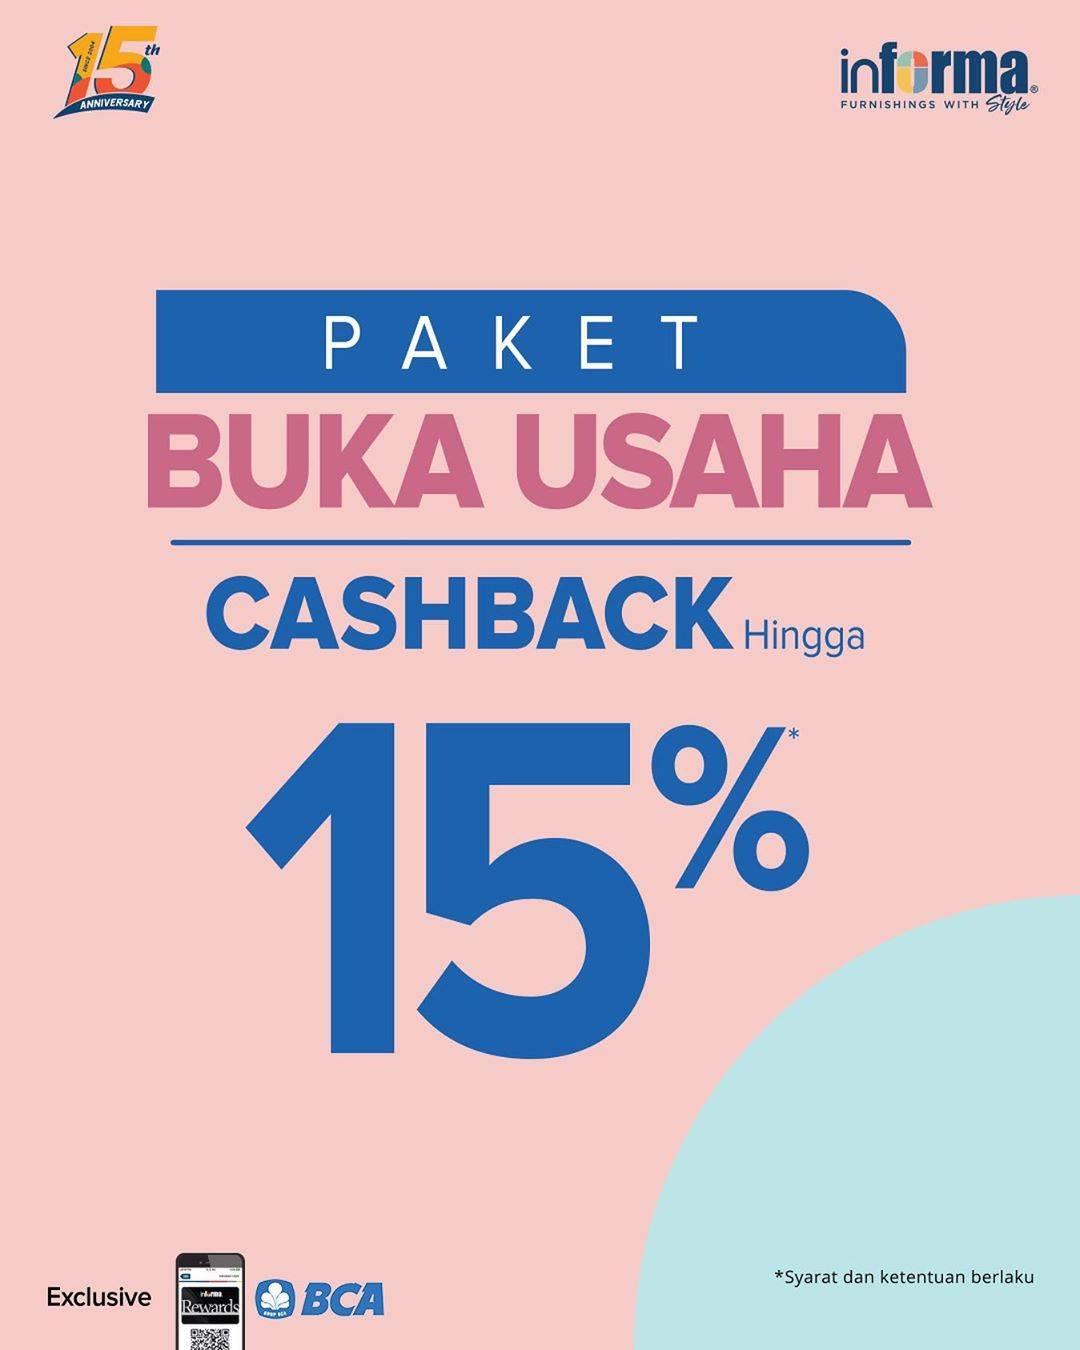 Diskon Informa Promo Paket Bikin Usaha Cashback Hingga 15%